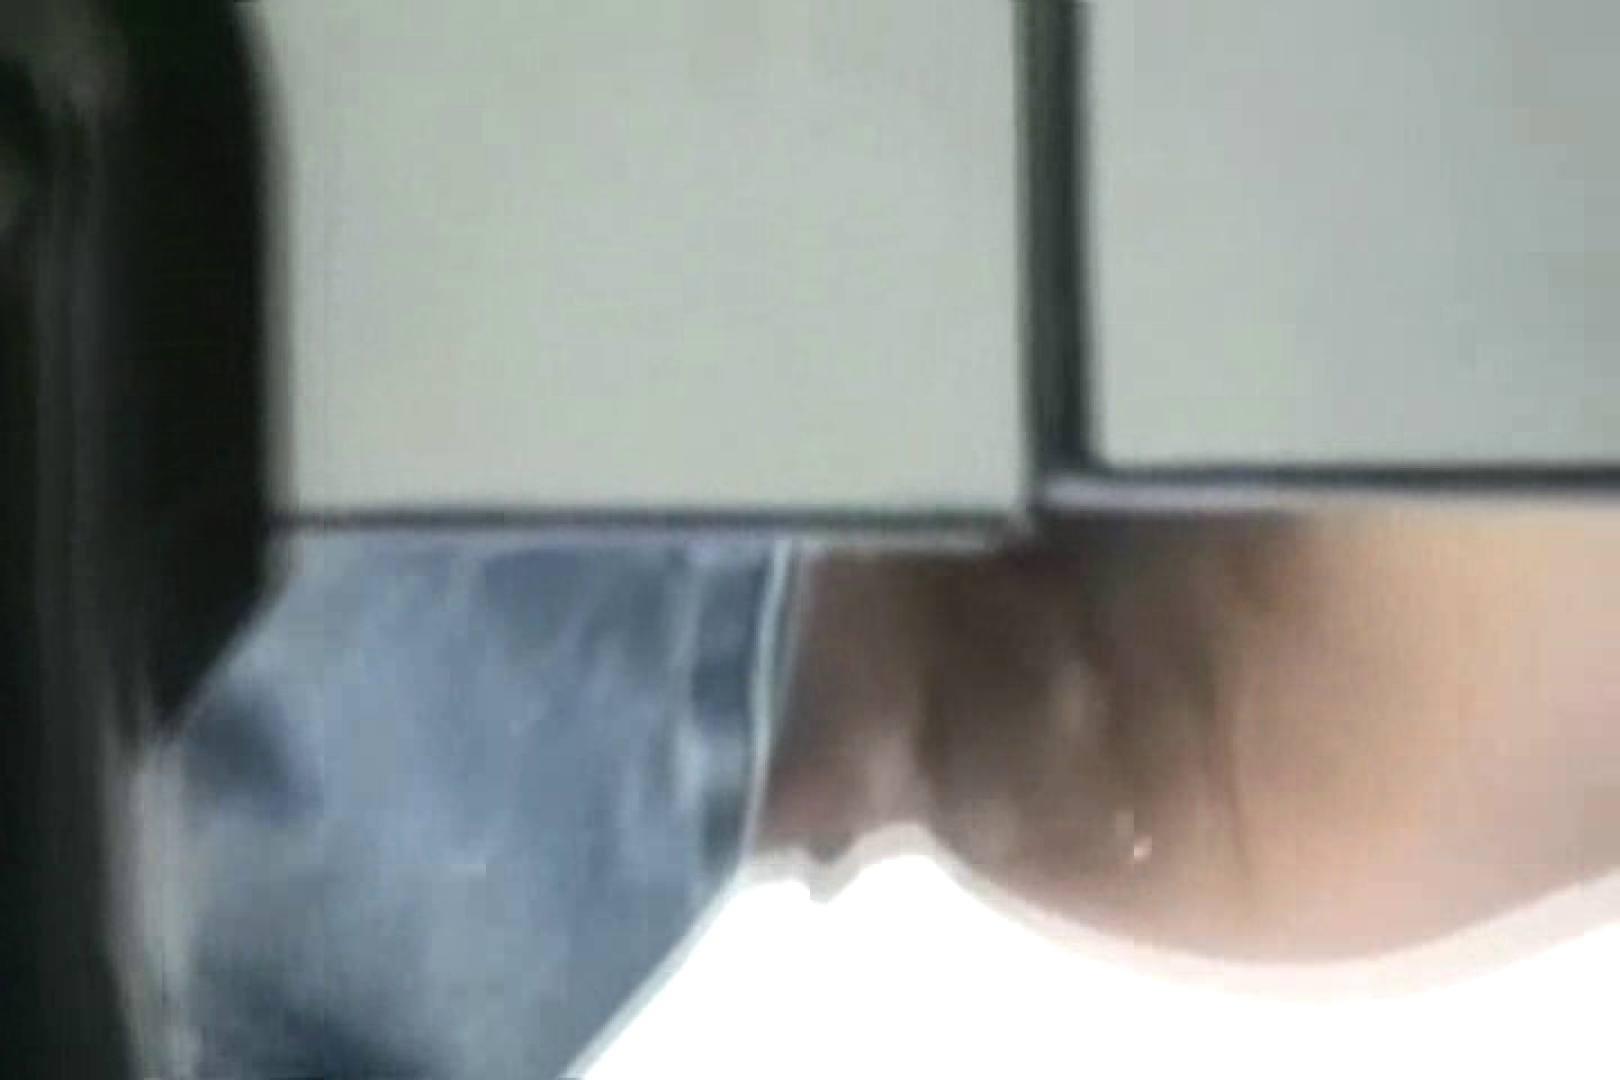 ぼっとん洗面所スペシャルVol.1 おまんこ無修正 盗撮画像 71画像 41